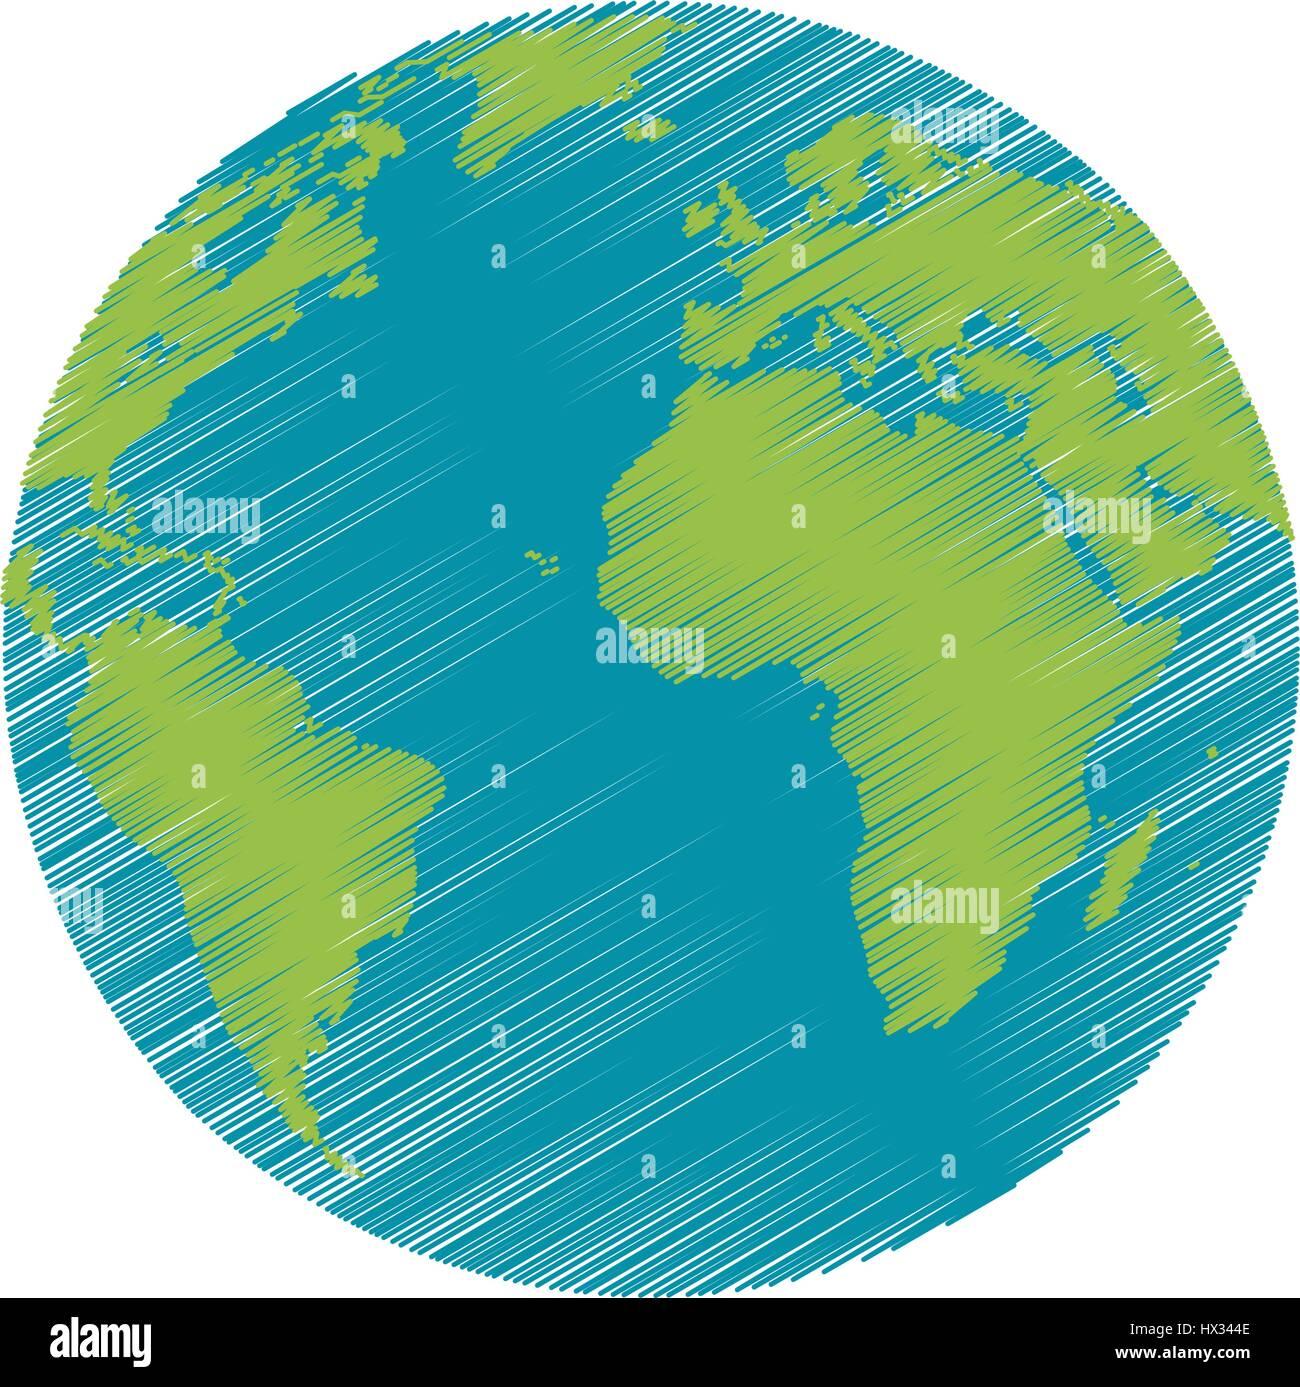 Dessin Planète Terre planète terre dessin image mondiale vecteurs et illustration, image